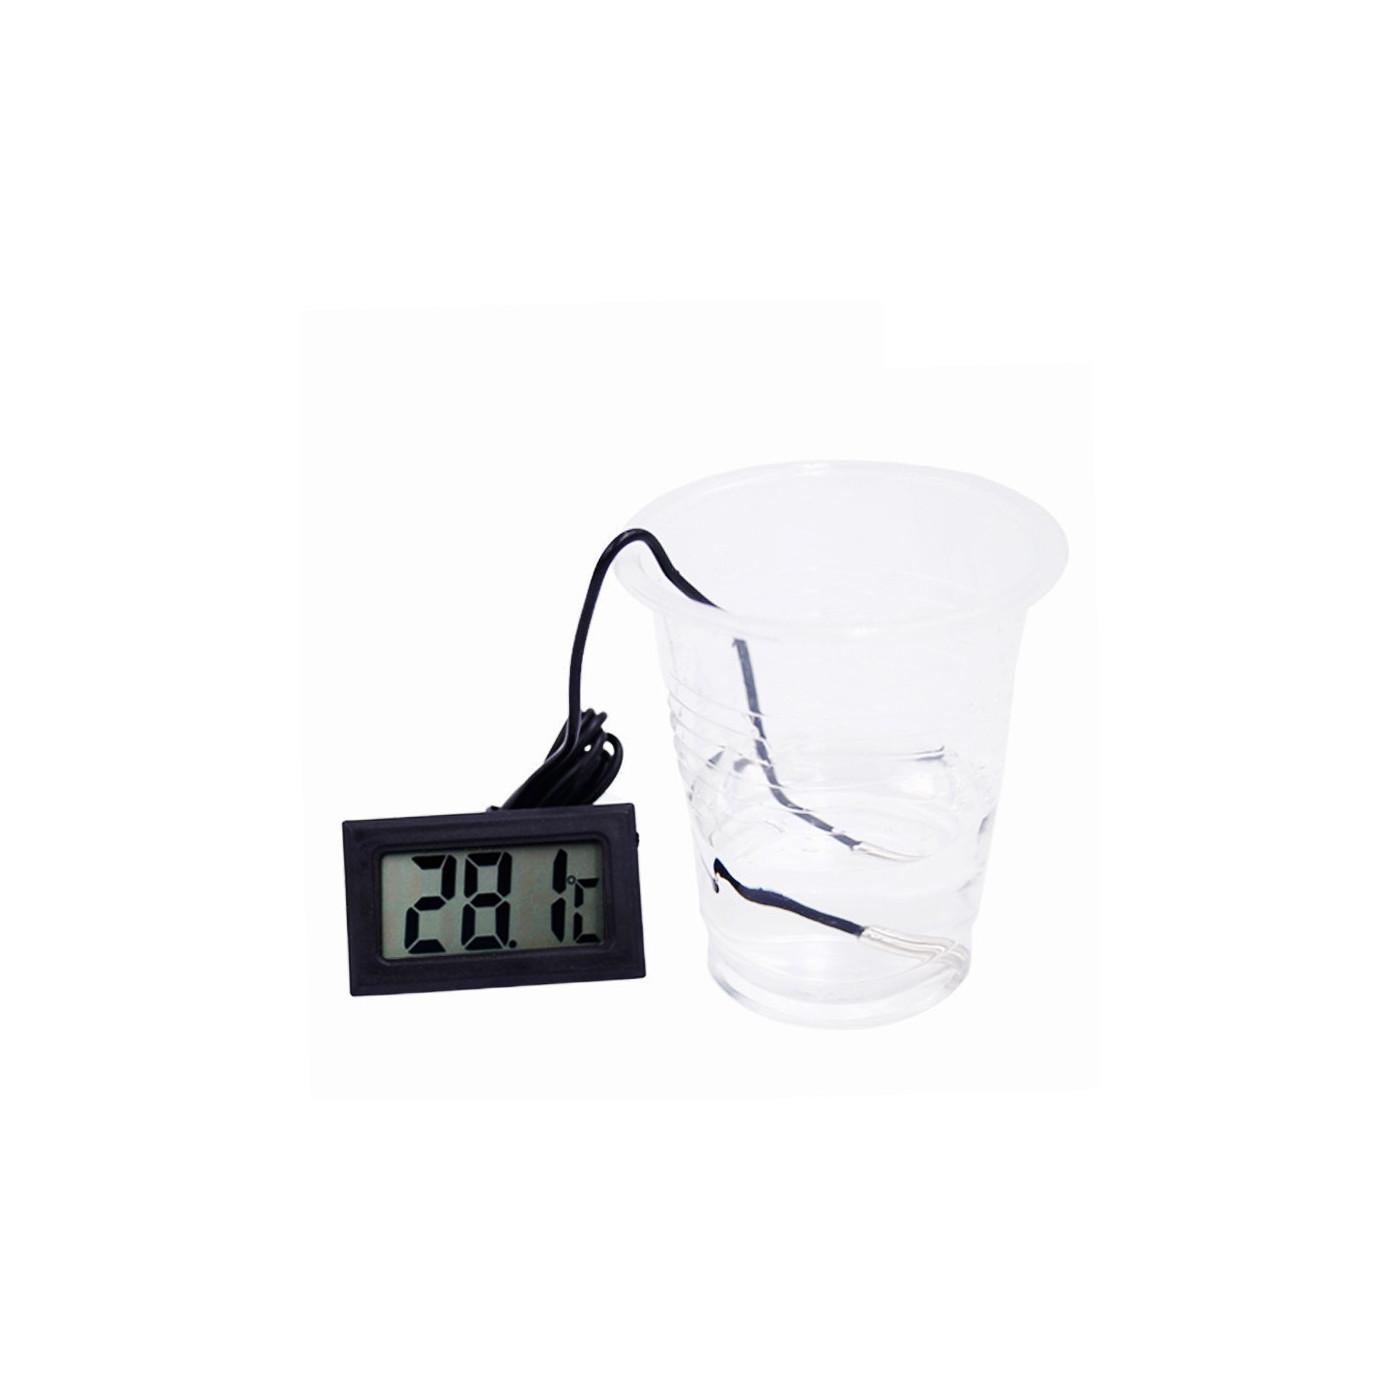 Schwarzes LCD-Thermometer mit Sonde (für Aquarium, etc.)